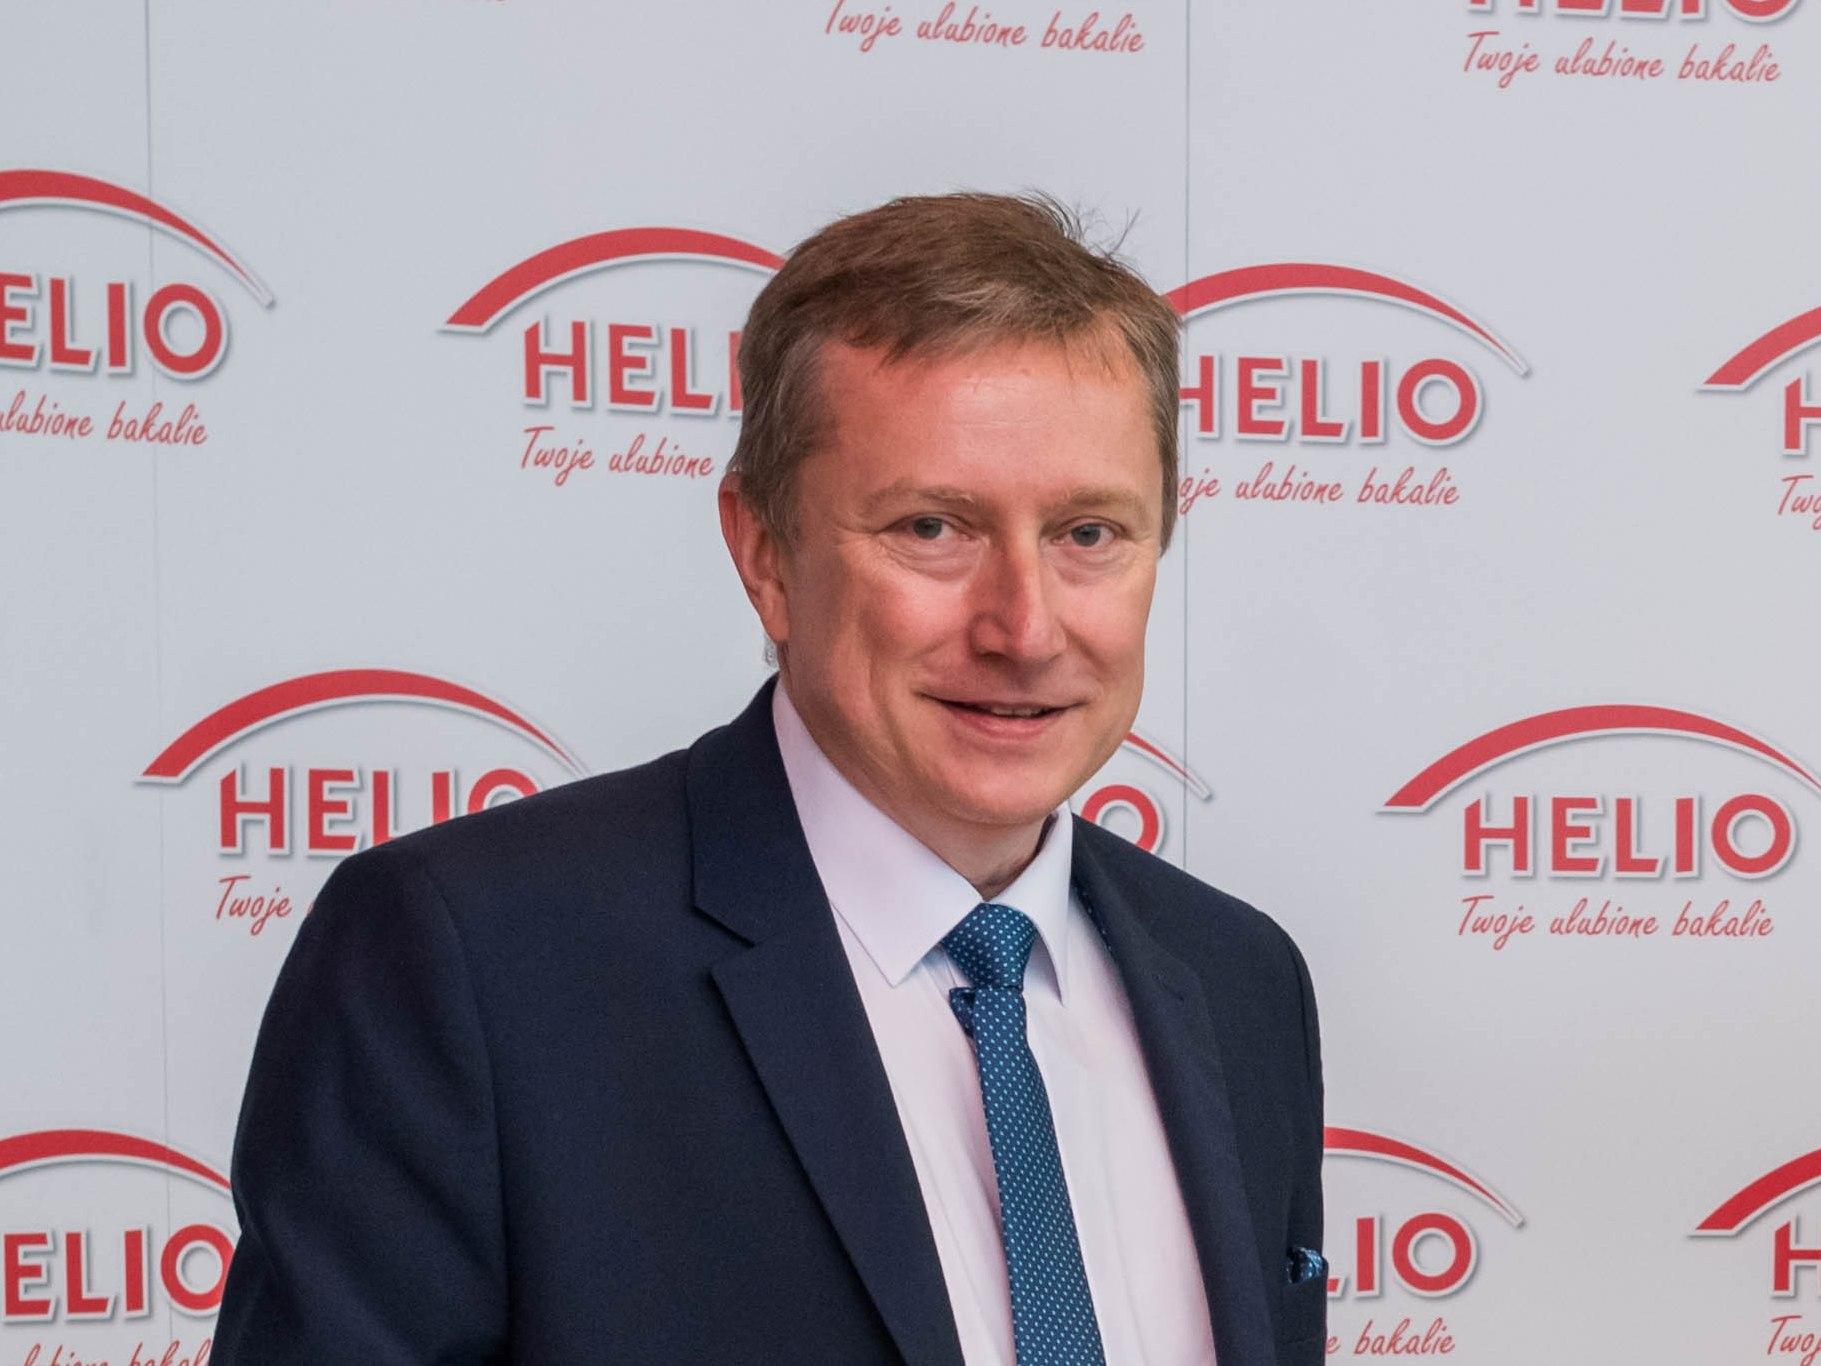 Helio podsumowuje rok obrotowy 2019/2020